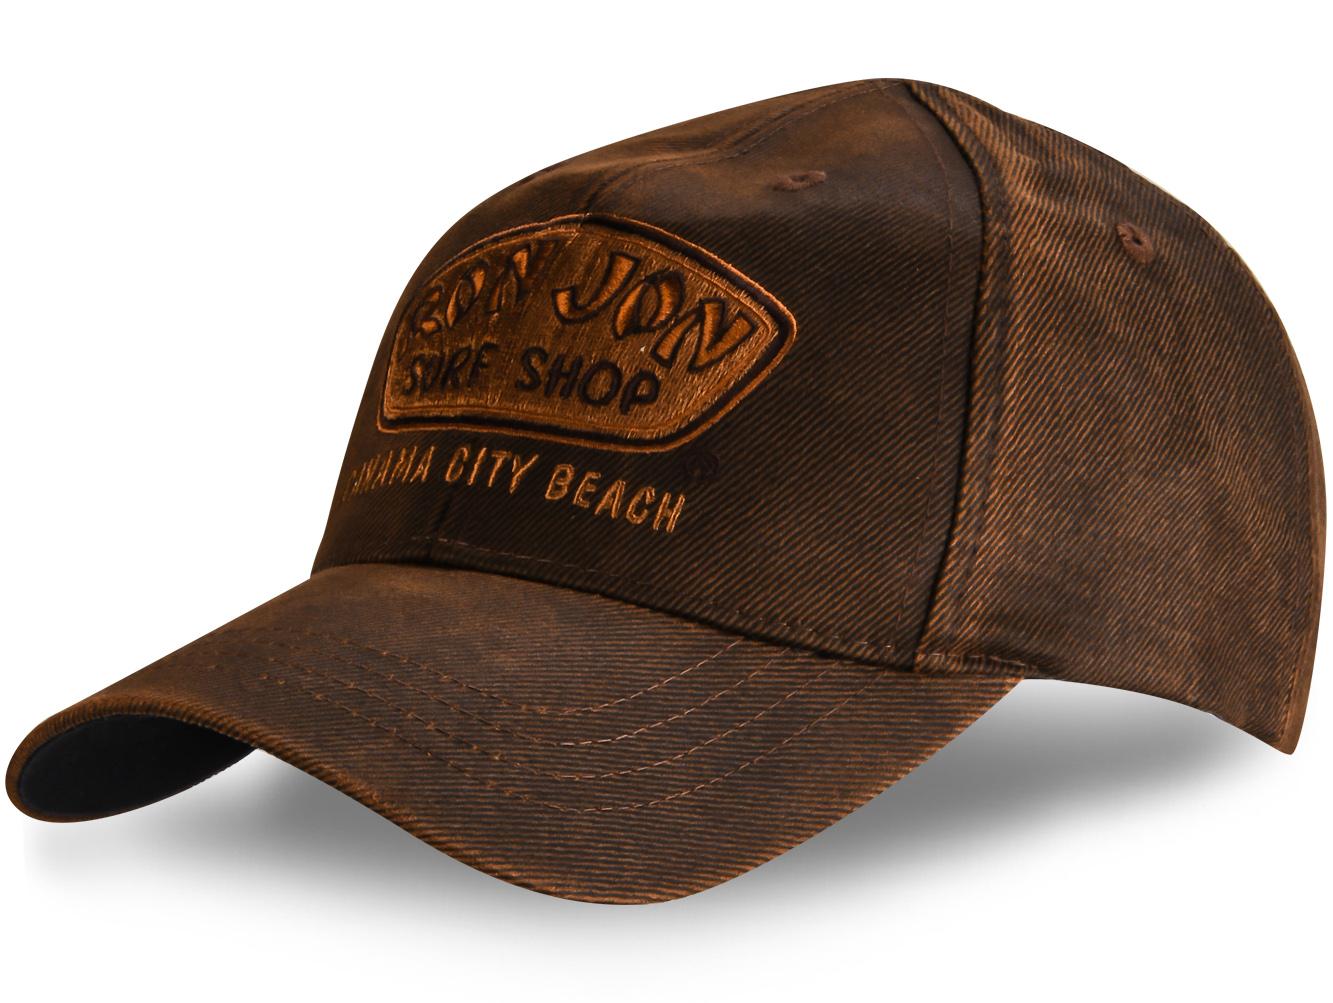 Бейсболка коричневая - купить в интернет-магазине с доставкой